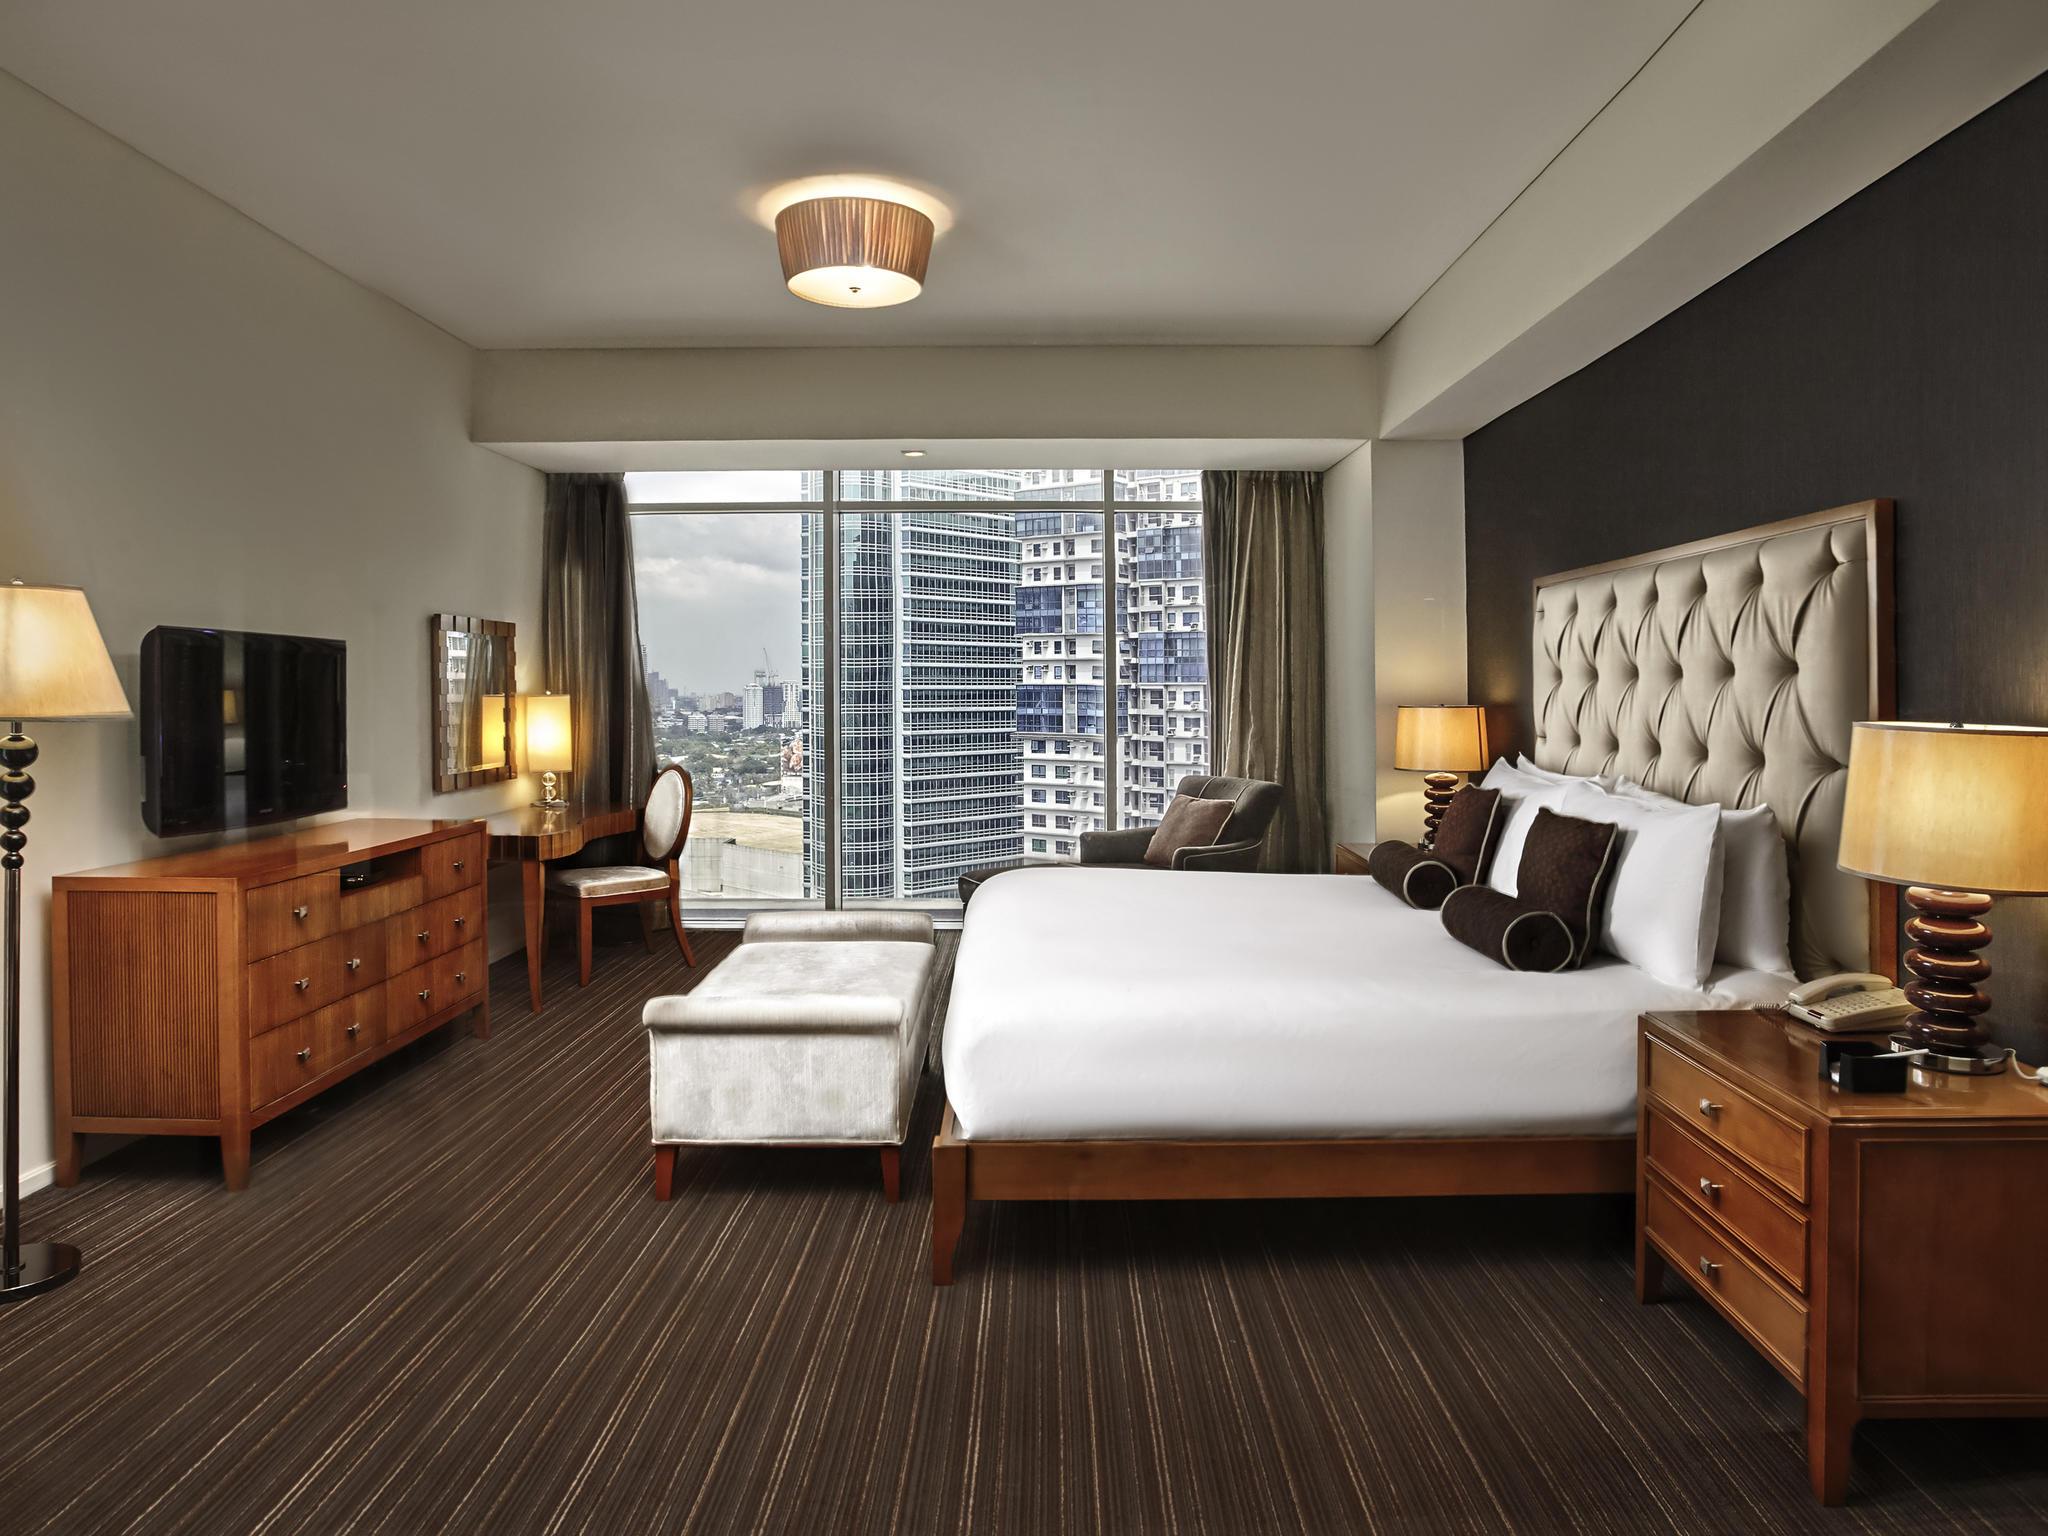 Hotel – Joy Nostalg Hotel & Suites Manila - Managed by AccorHotels